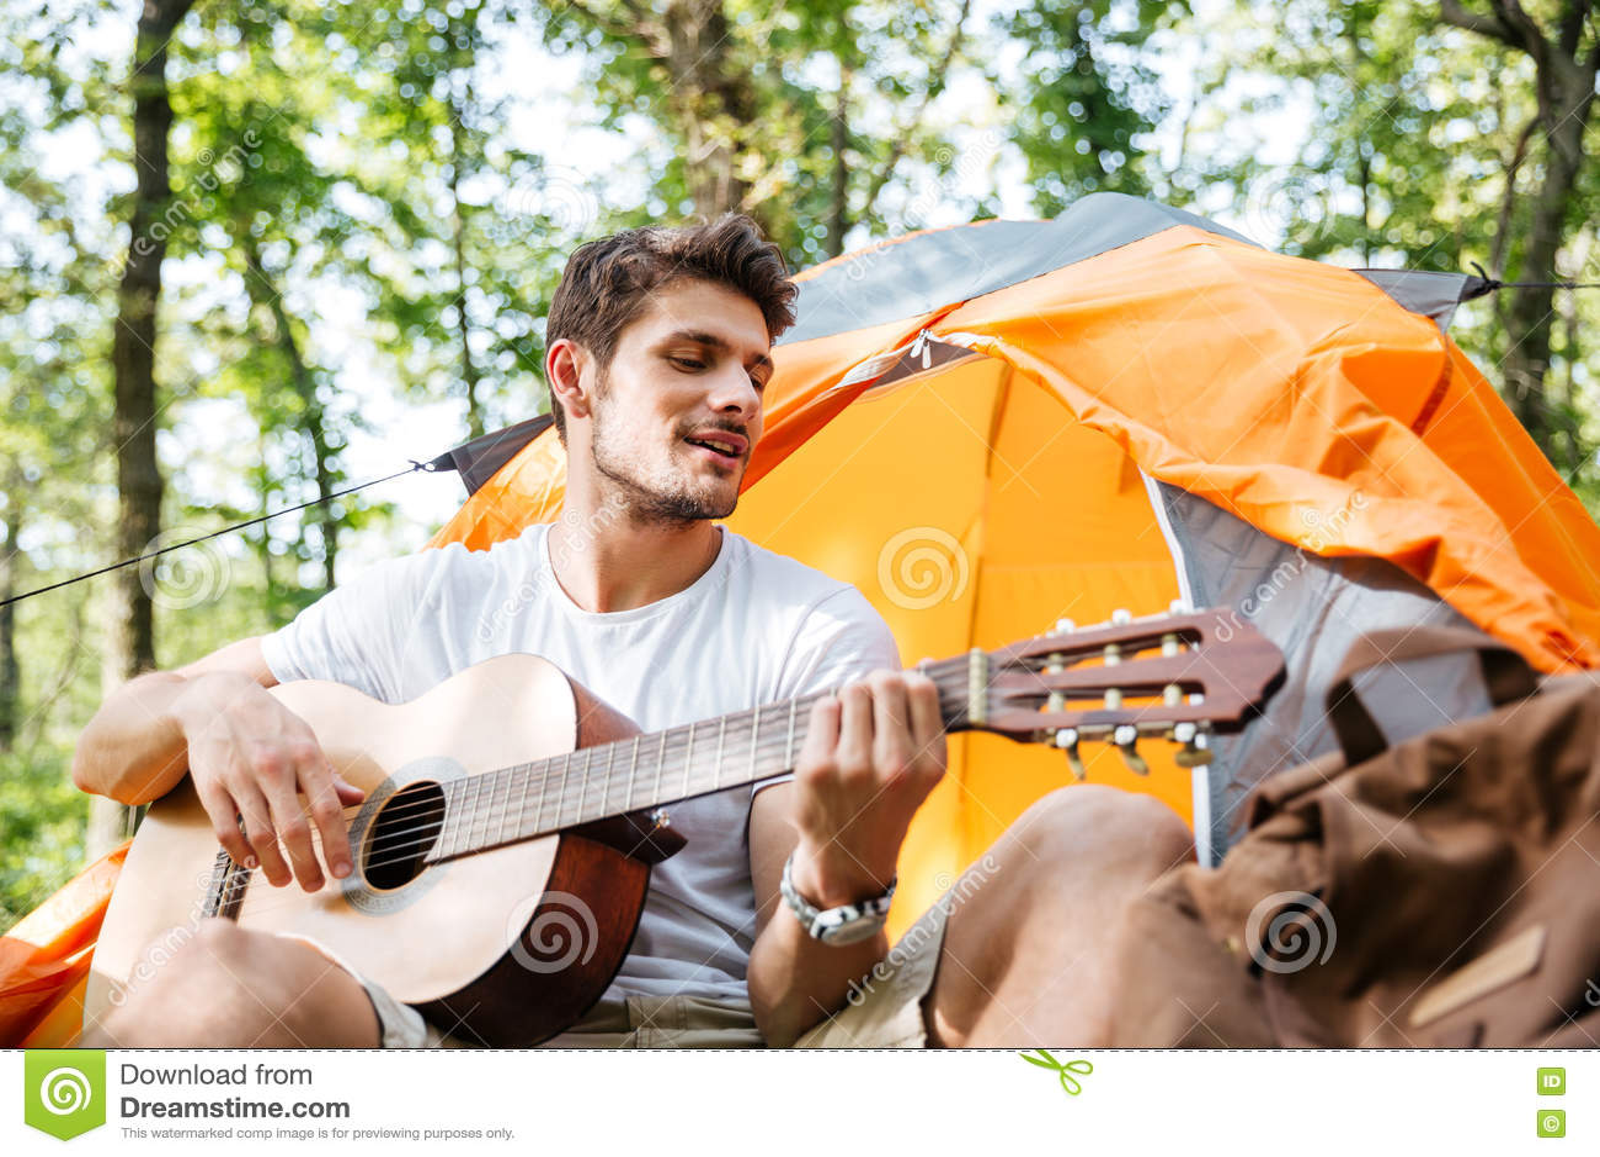 Turista sonriente del hombre joven que sienta y que toca la guitarra en bosque